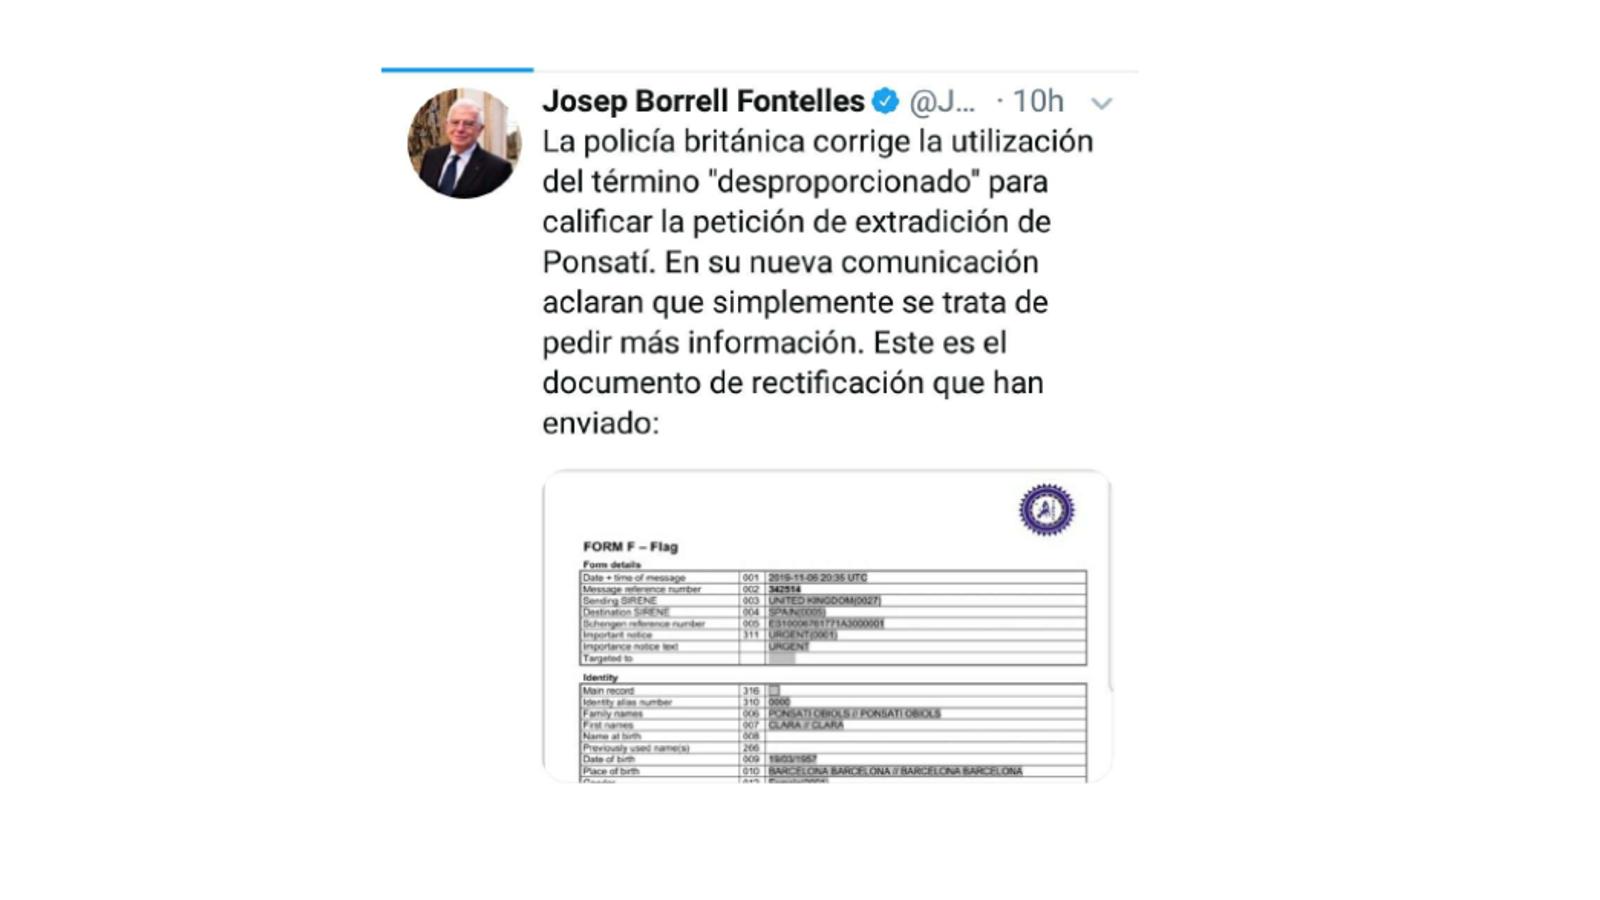 Toc d'atenció de Brussel·les a Borrell per haver publicat informació sobre l'euroordre de Ponsatí